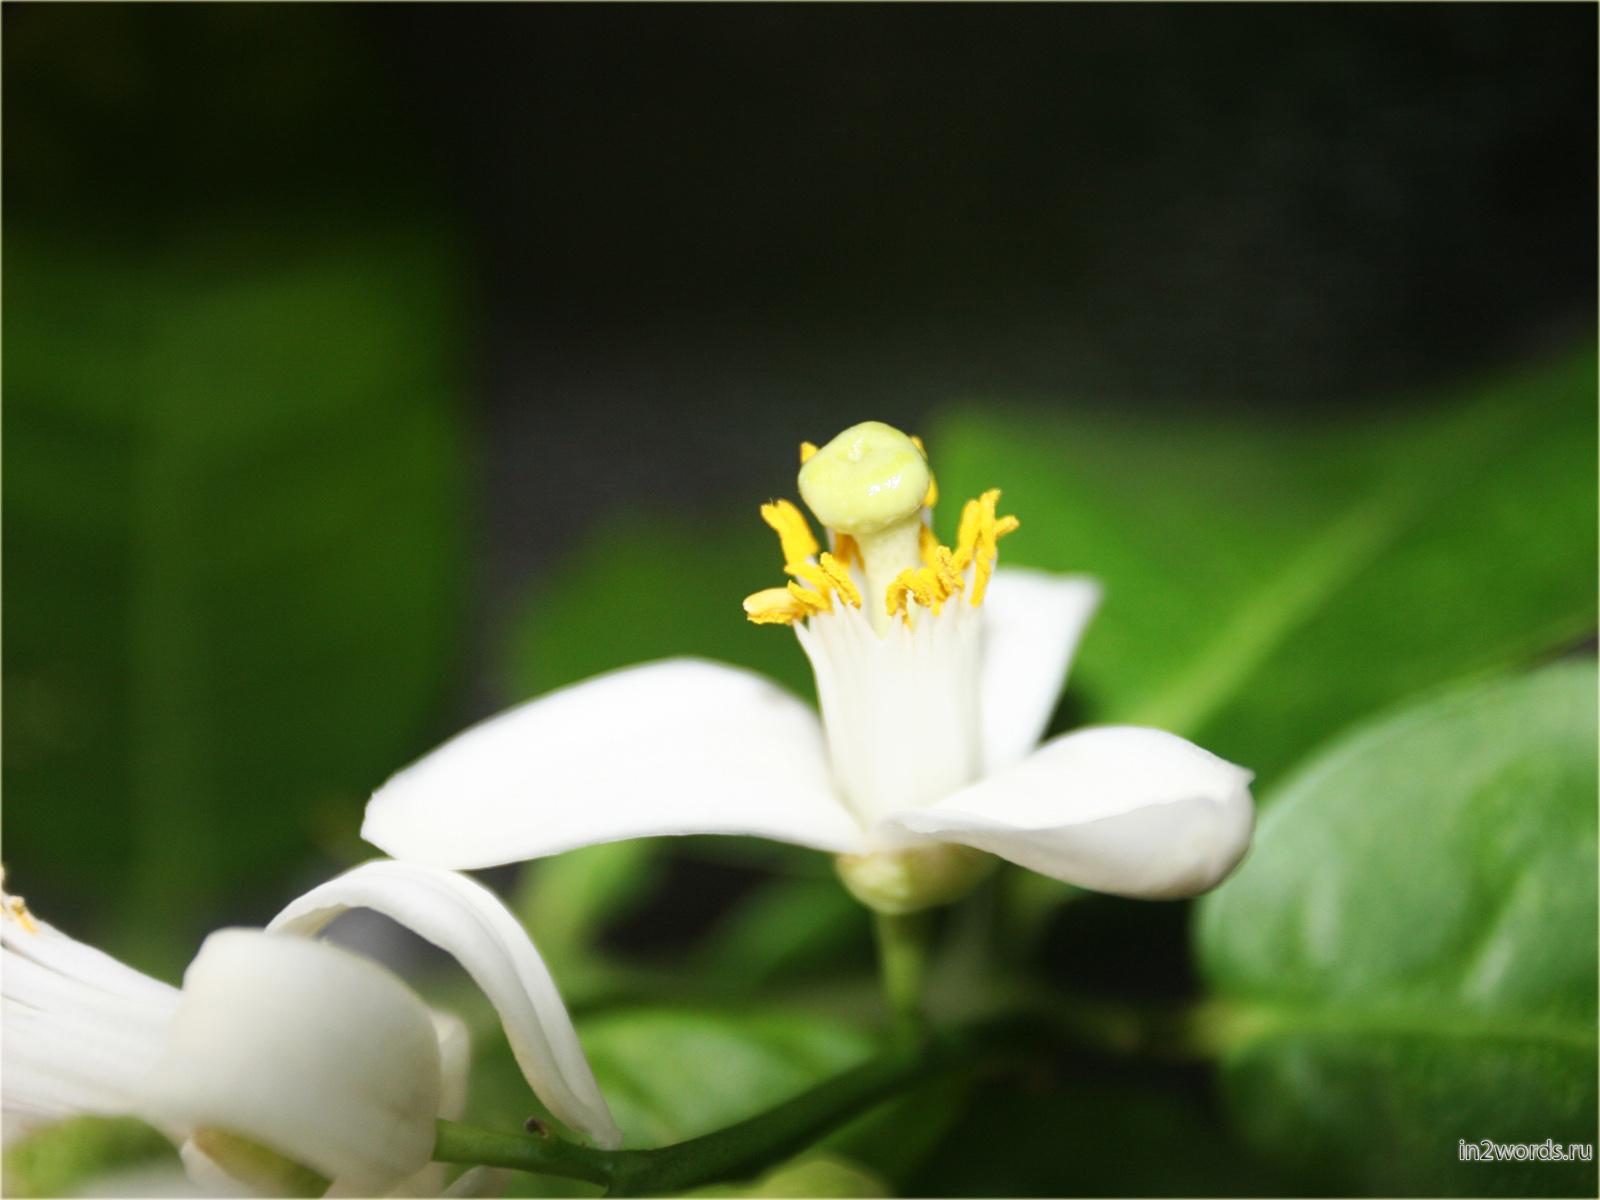 Цветущий лимон. Очарование цветка и колкость веточек.